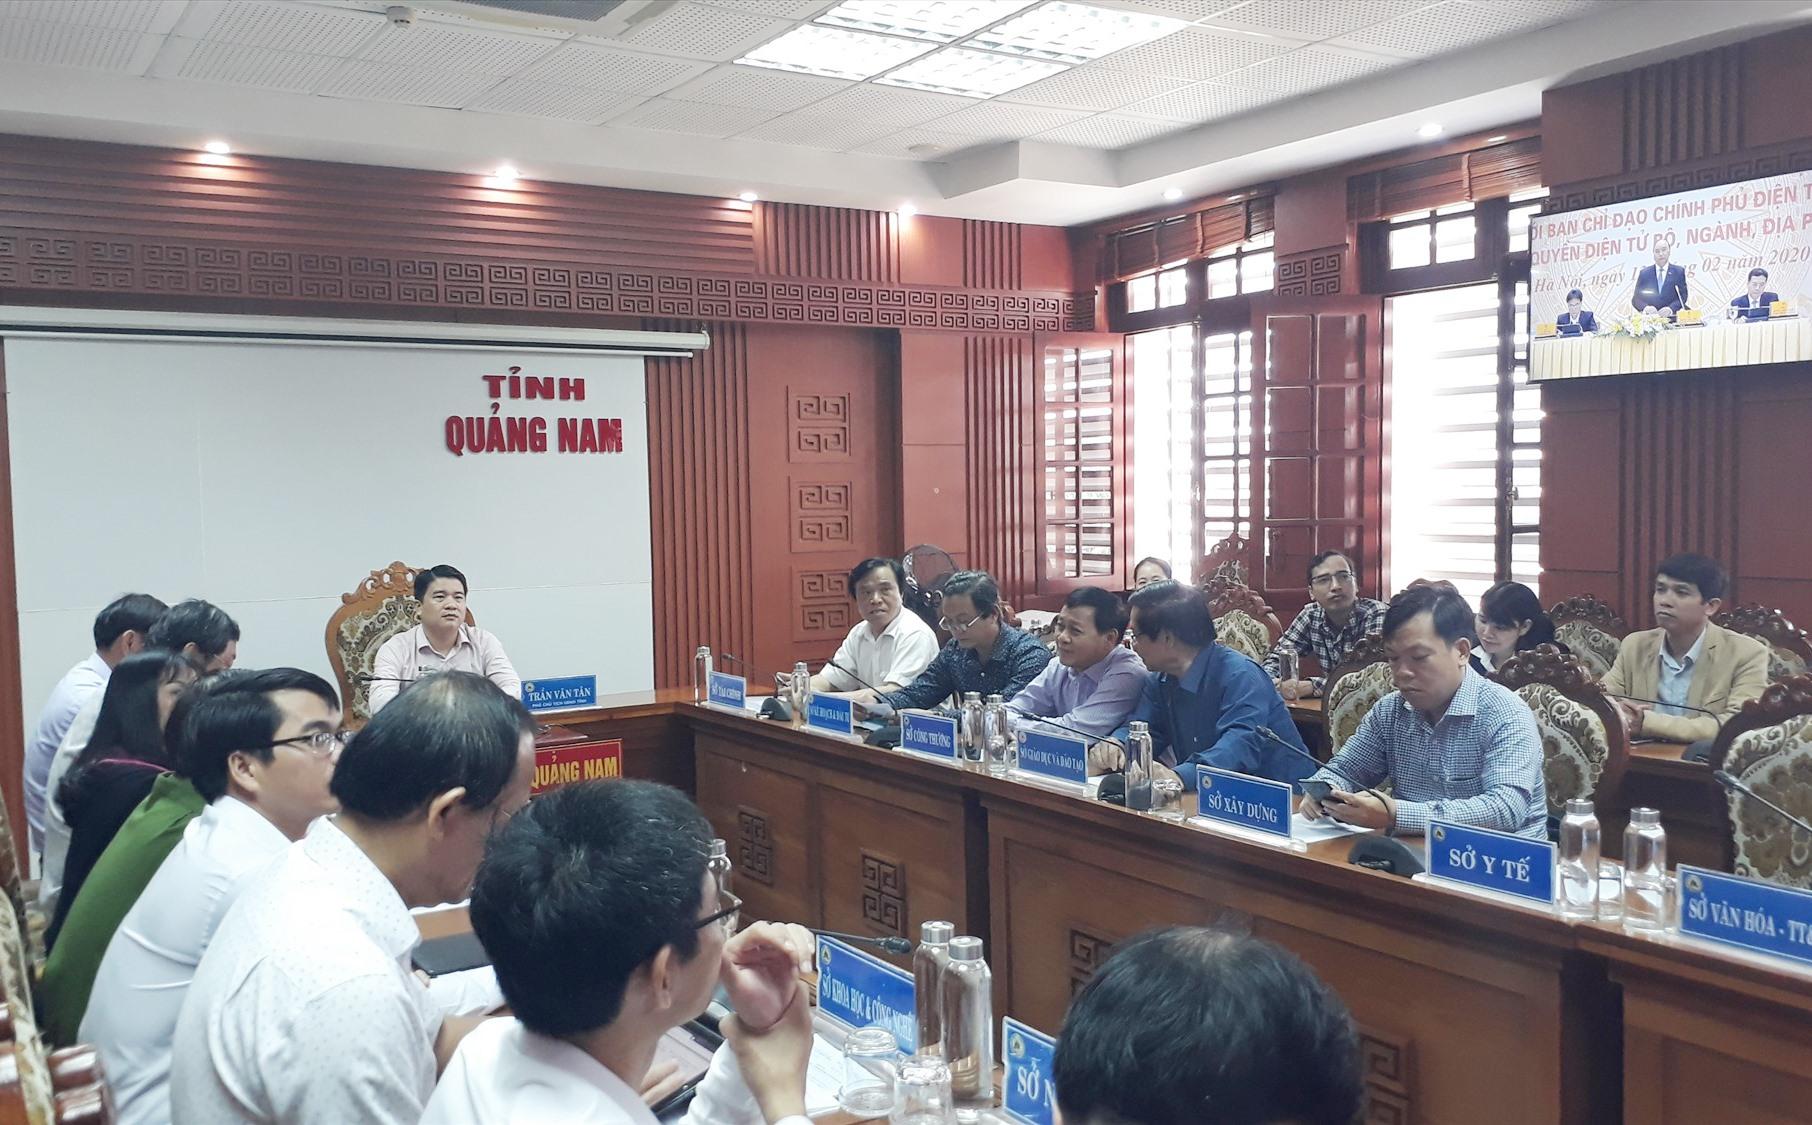 Quang cảnh hội nghị trực tuyến tại Quảng Nam. Ảnh: X.P